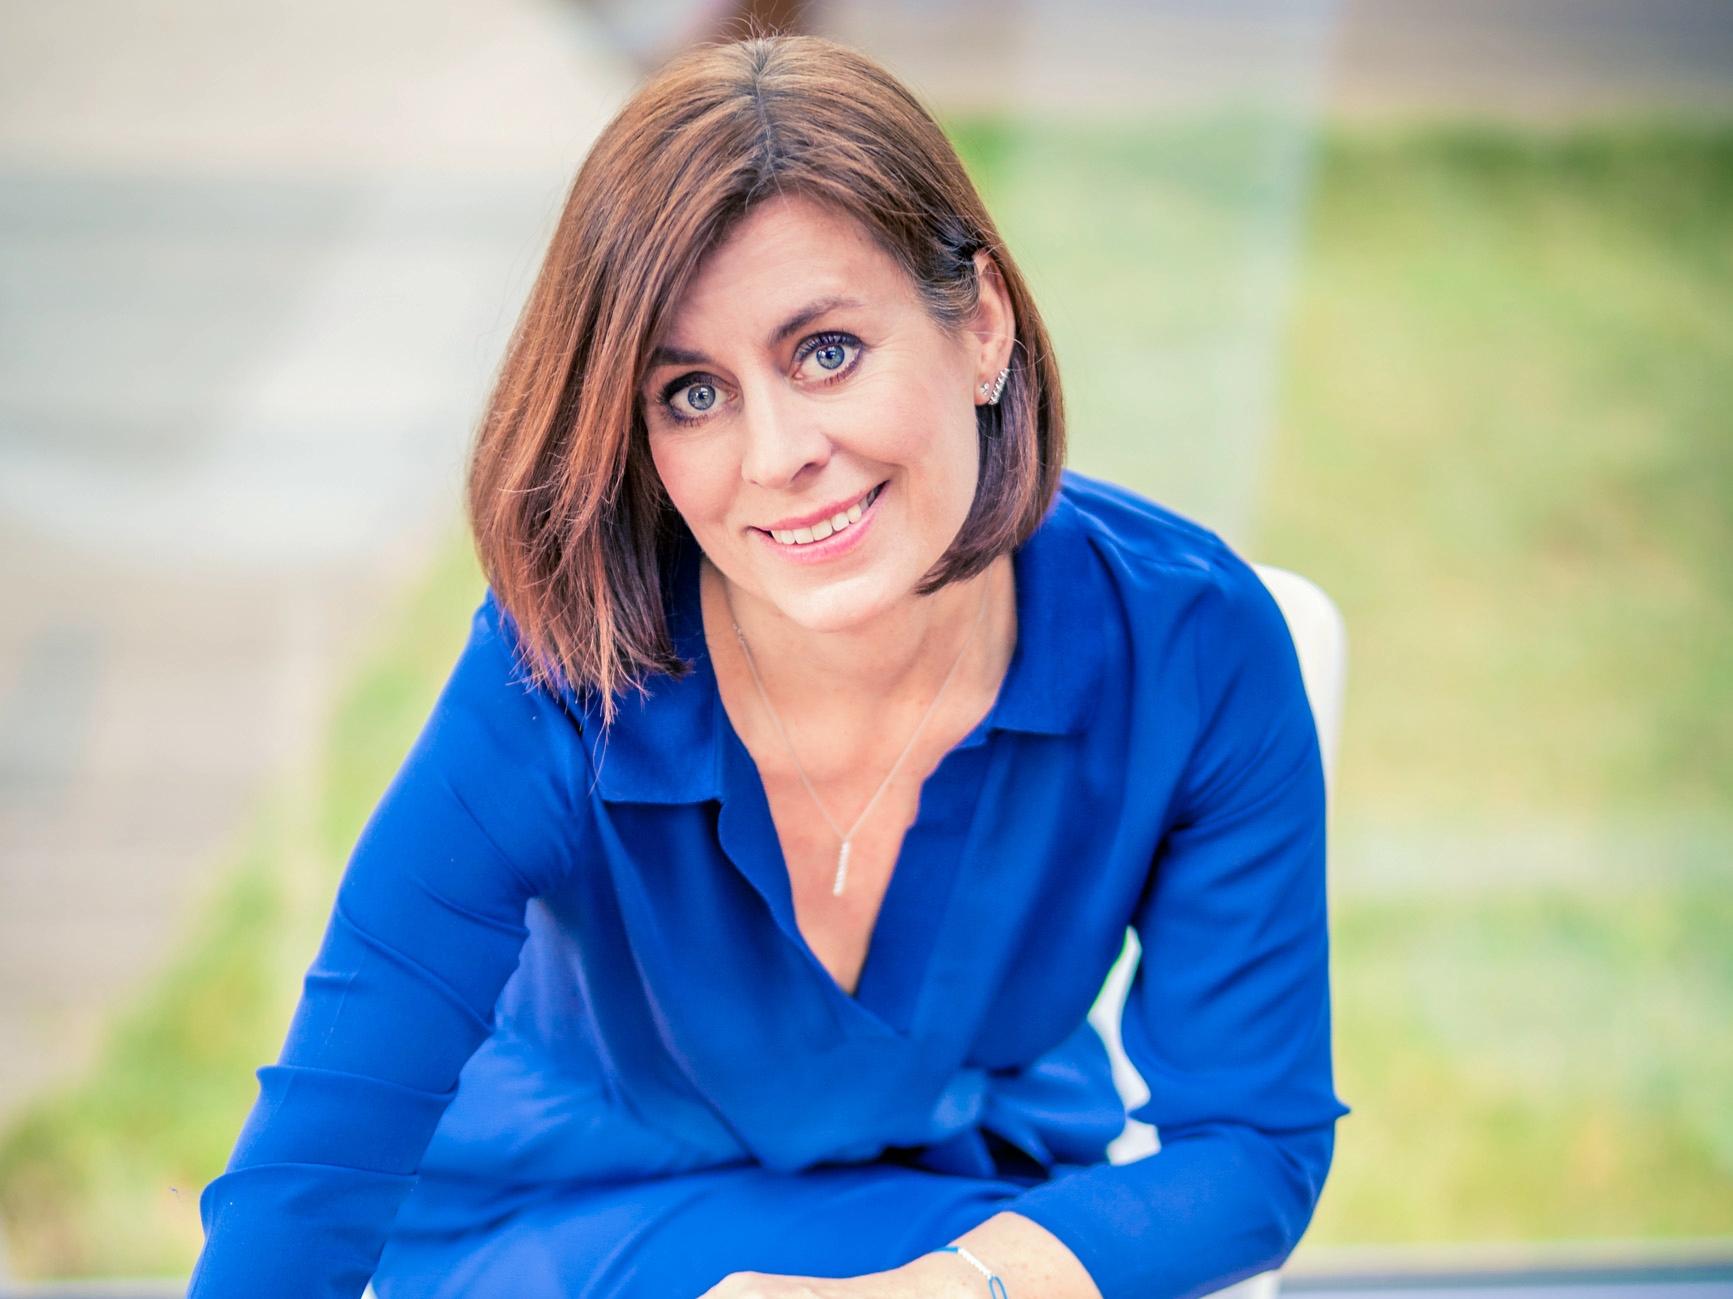 PROTISEDI: Anketa o módě a stylu: Gabriela Dědičová, majitelka šperkařské firmy Tiami